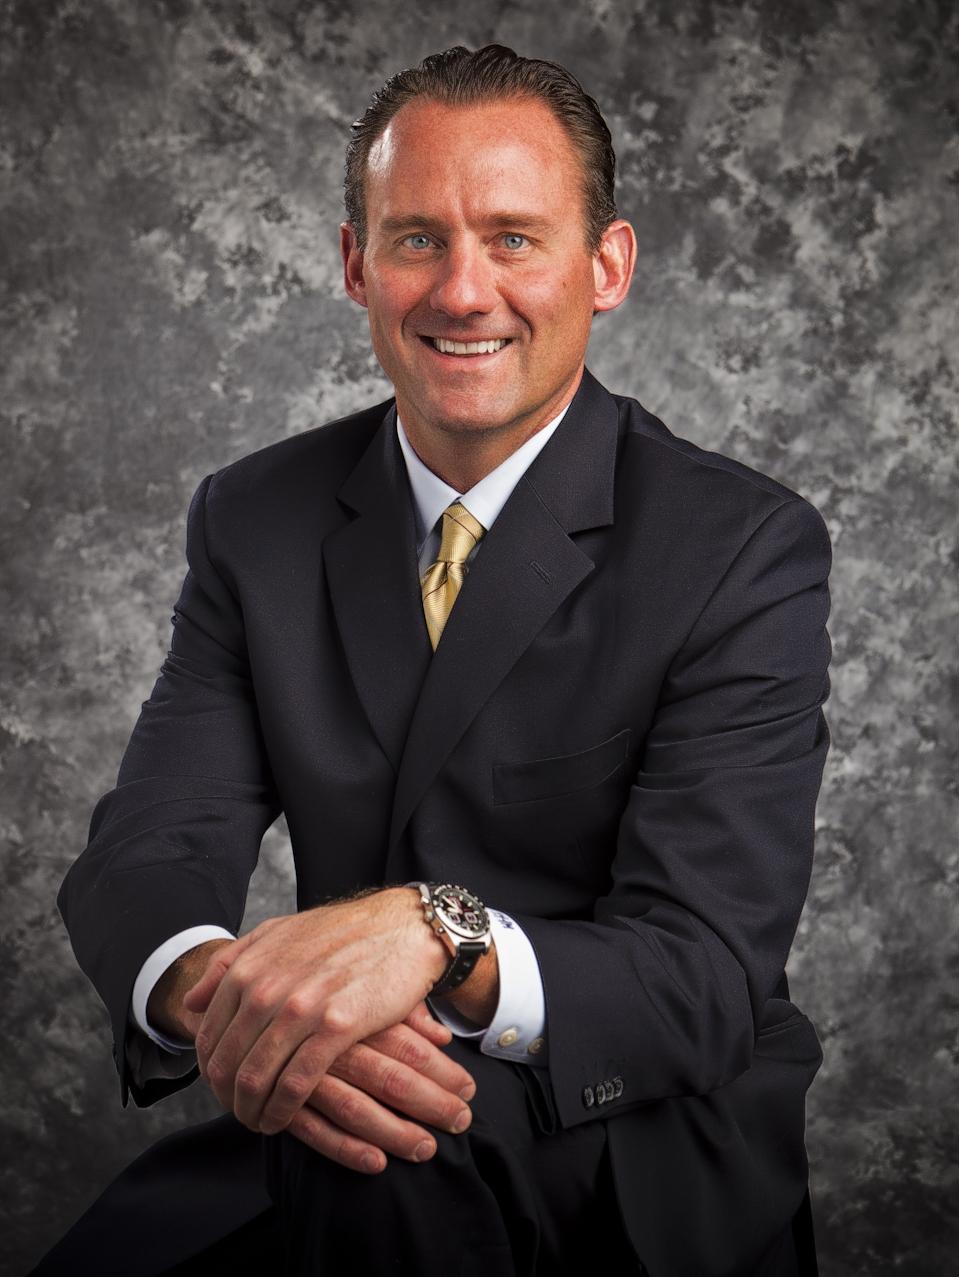 Todd Hauer, Morgan Stanley